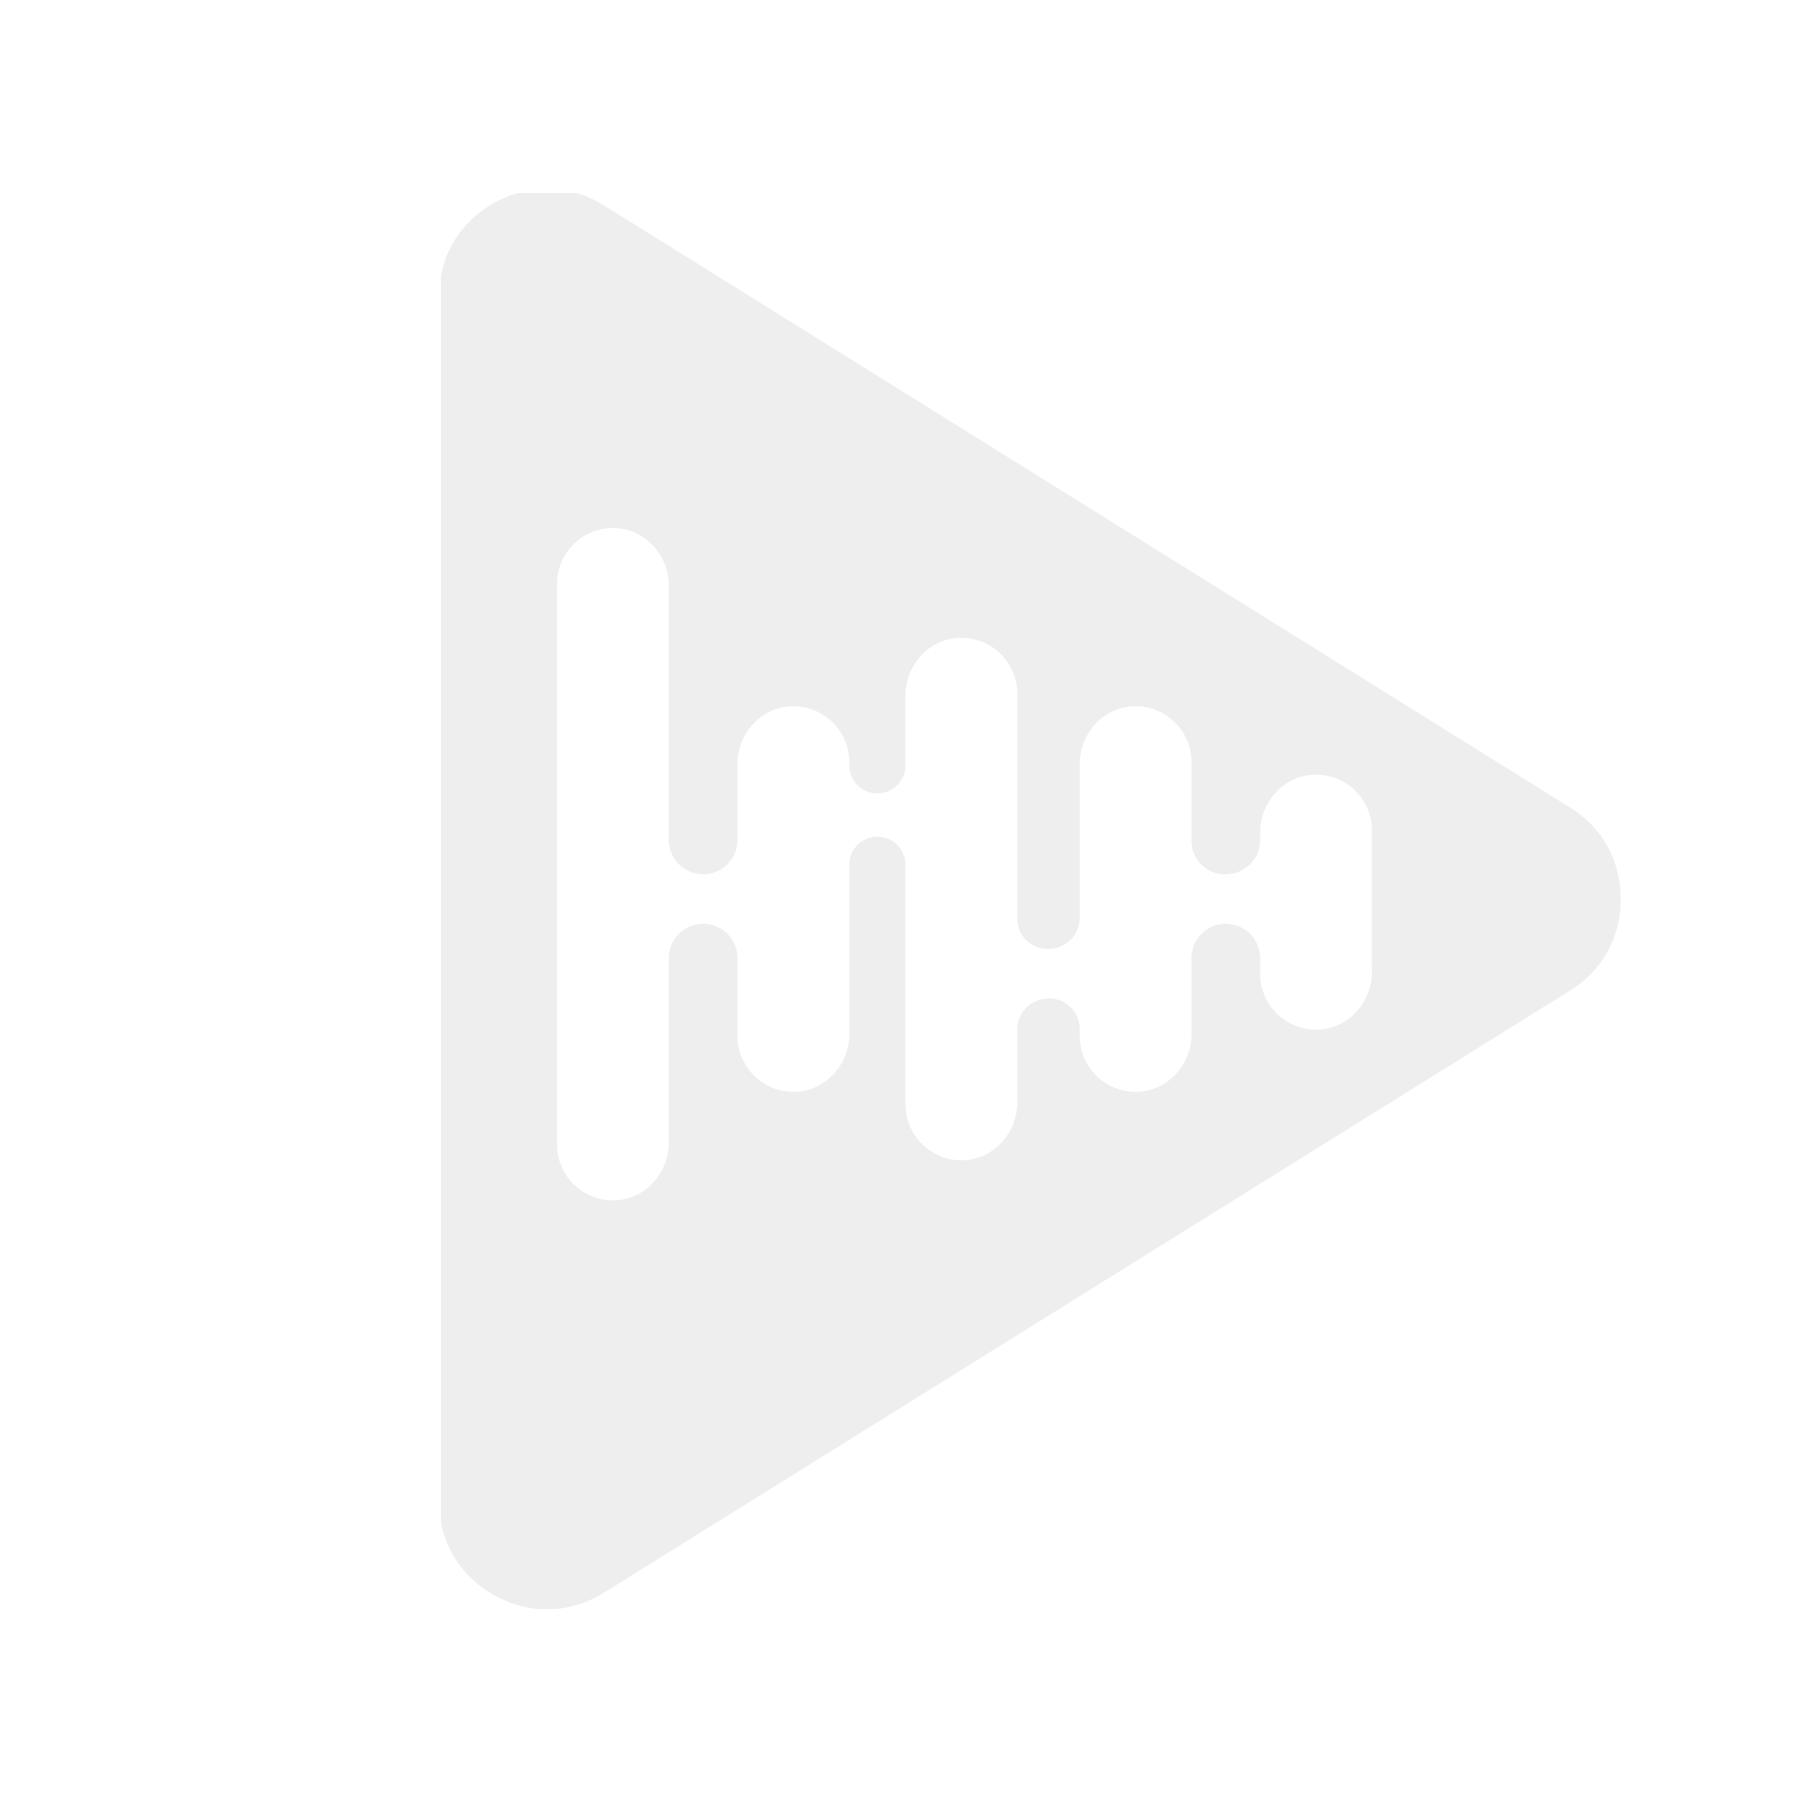 ACV 1195-25-6500